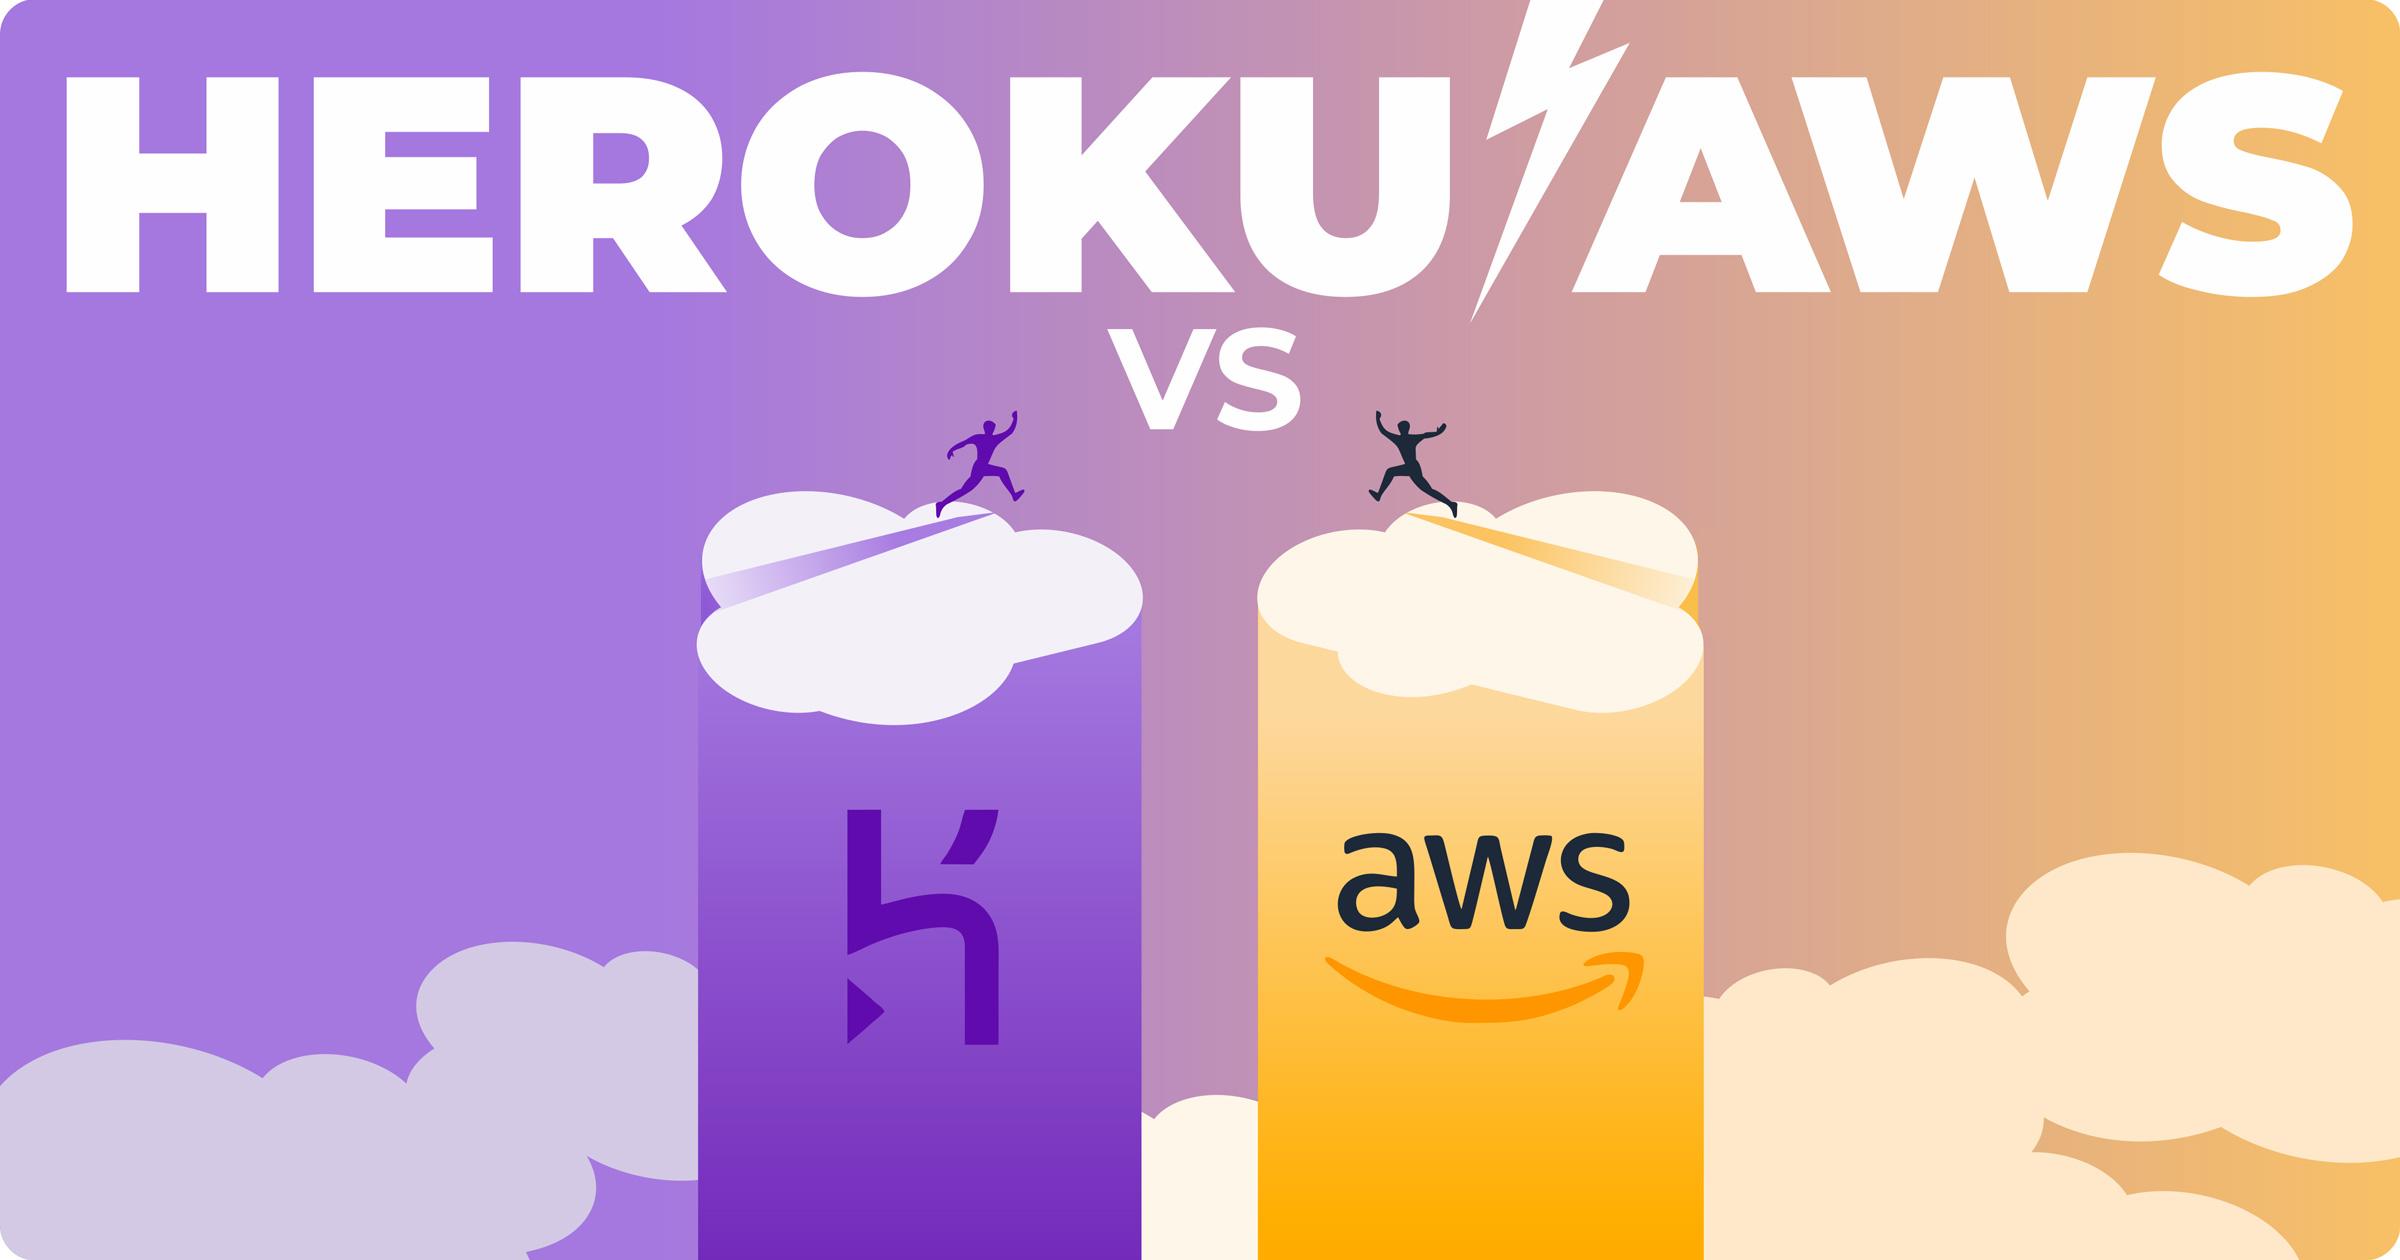 Heroku and AWS - hosting services comparison